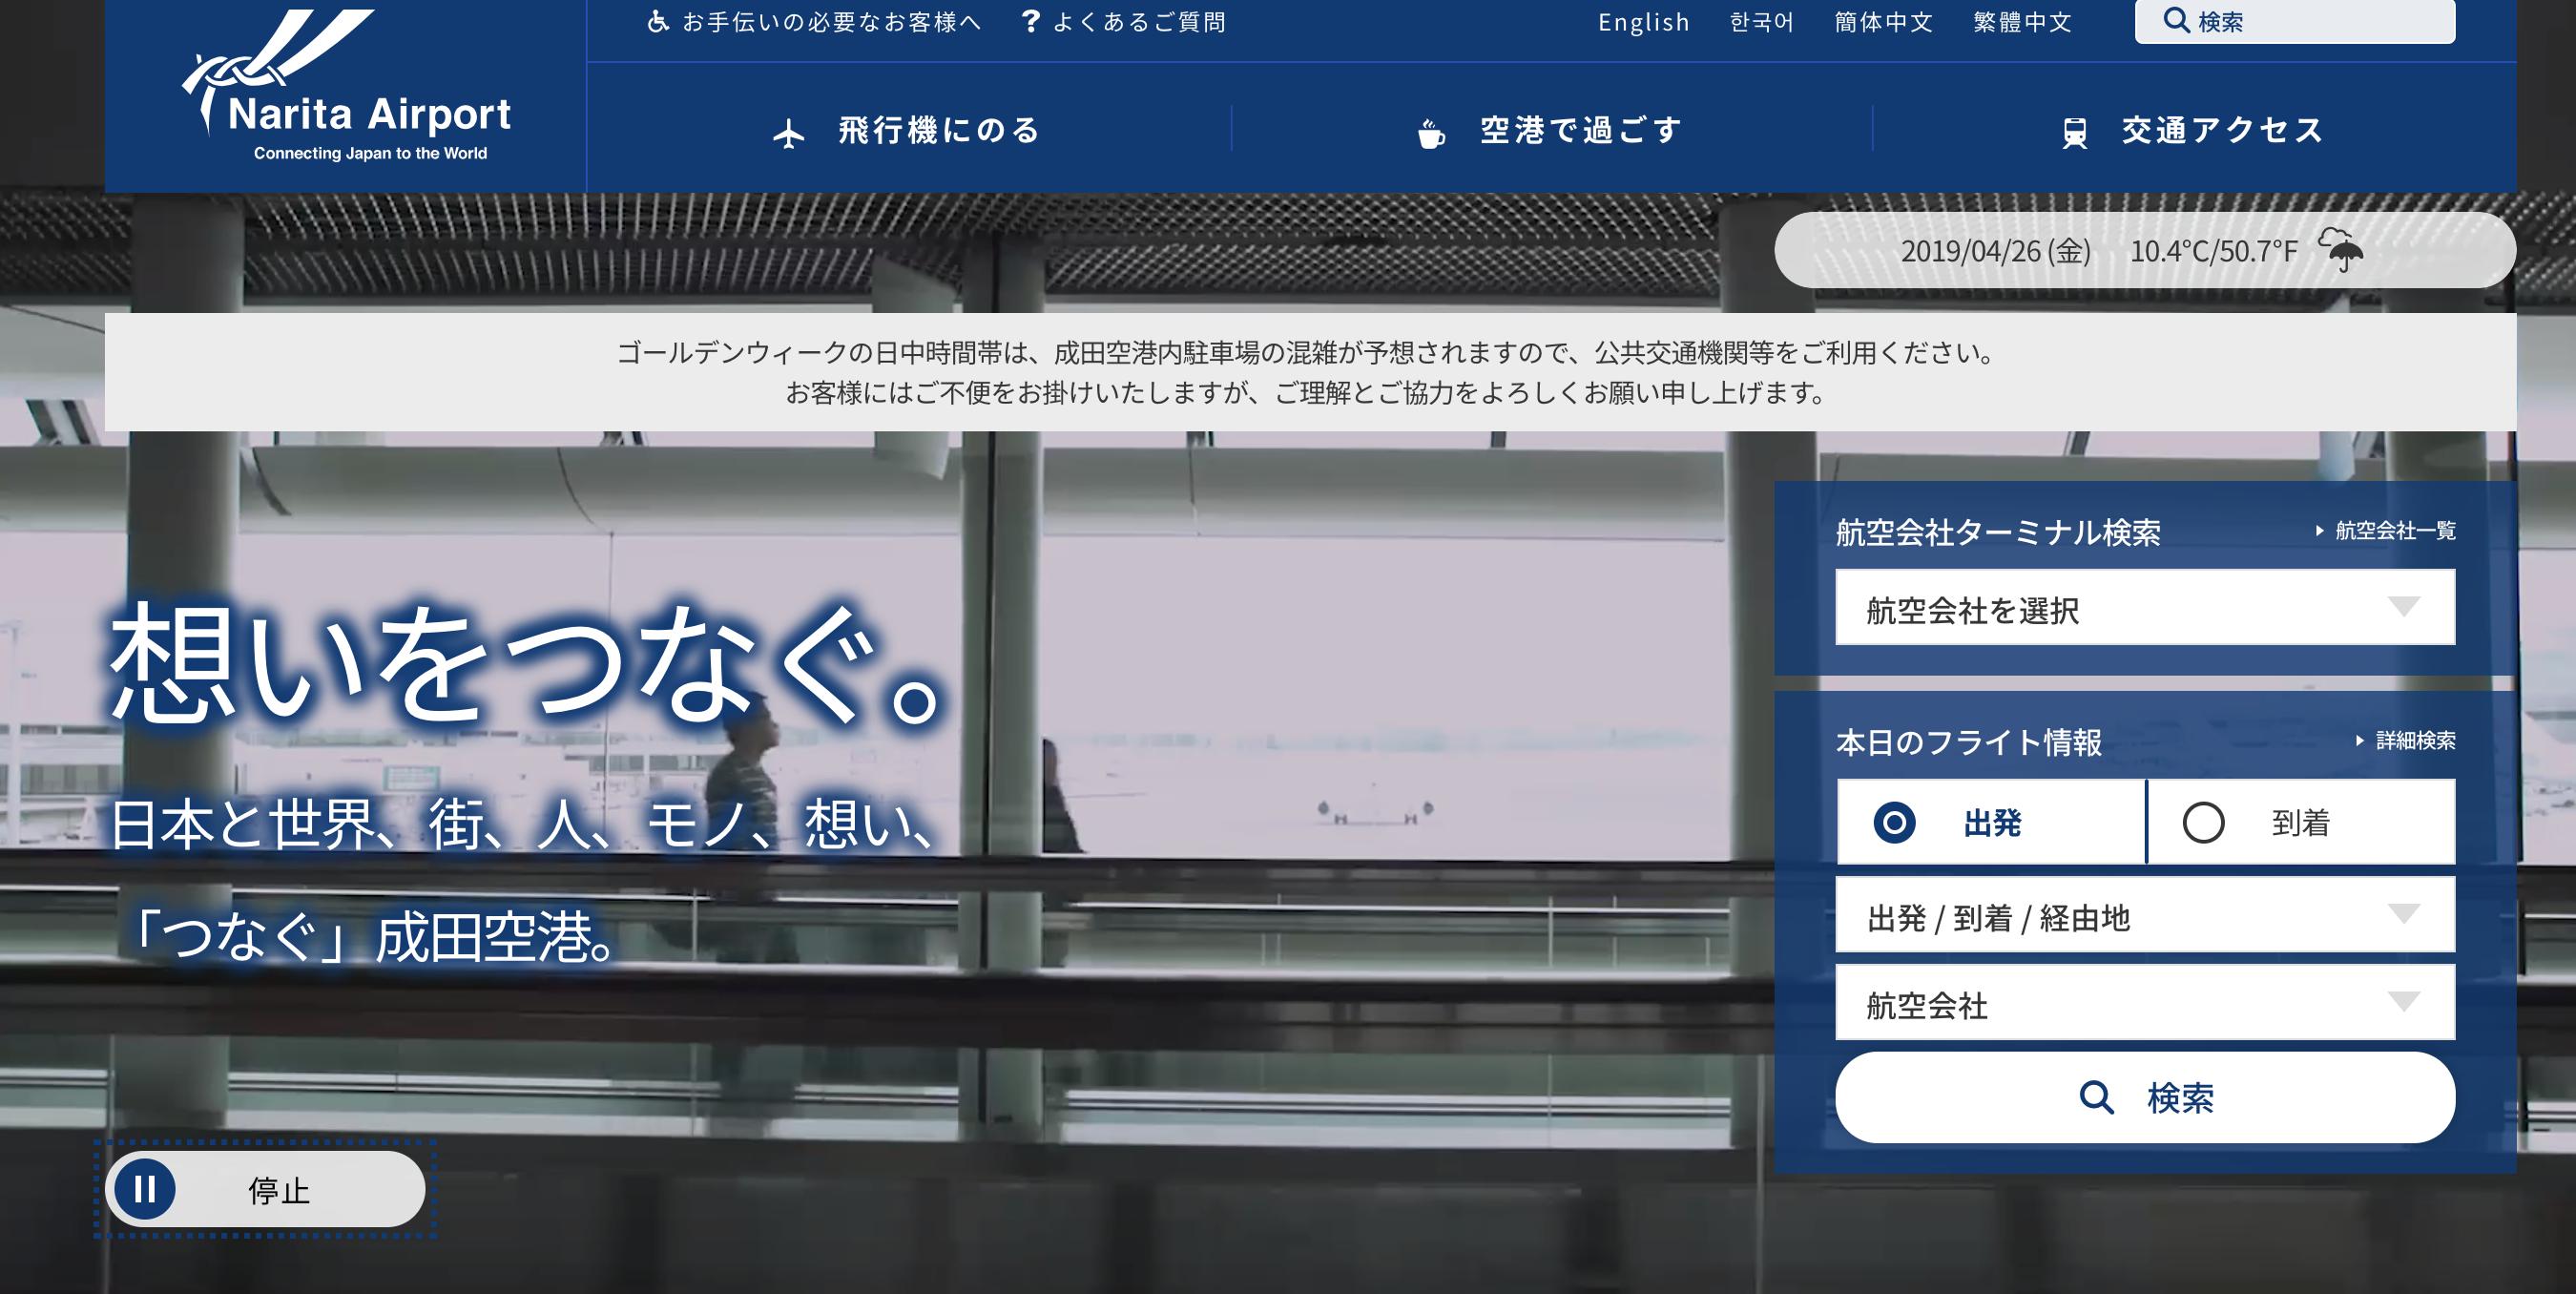 成田国際空港公式WEBサイト_動画